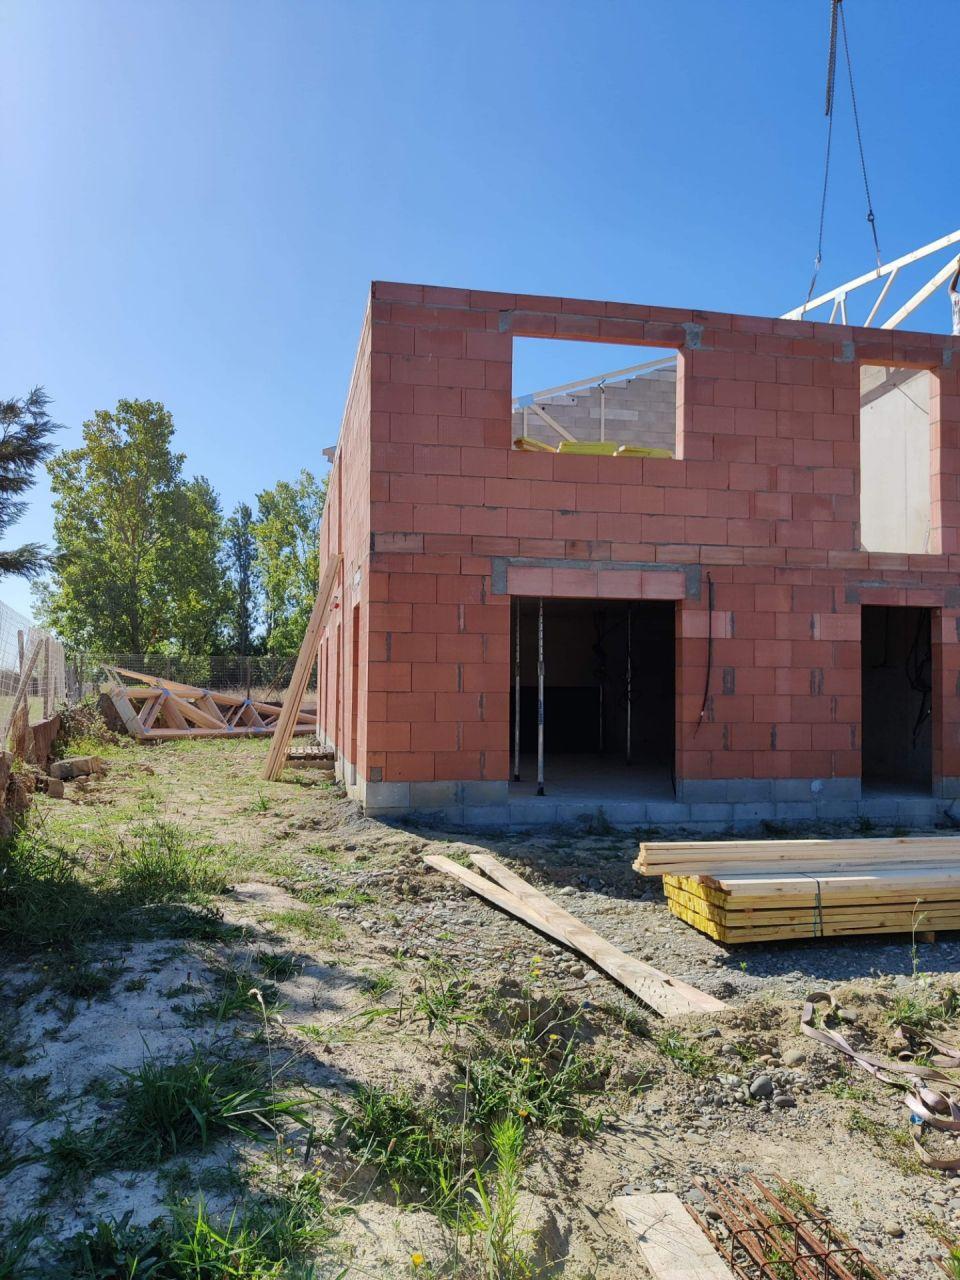 Notre future maison sortie de sol, pose de la toiture en cours